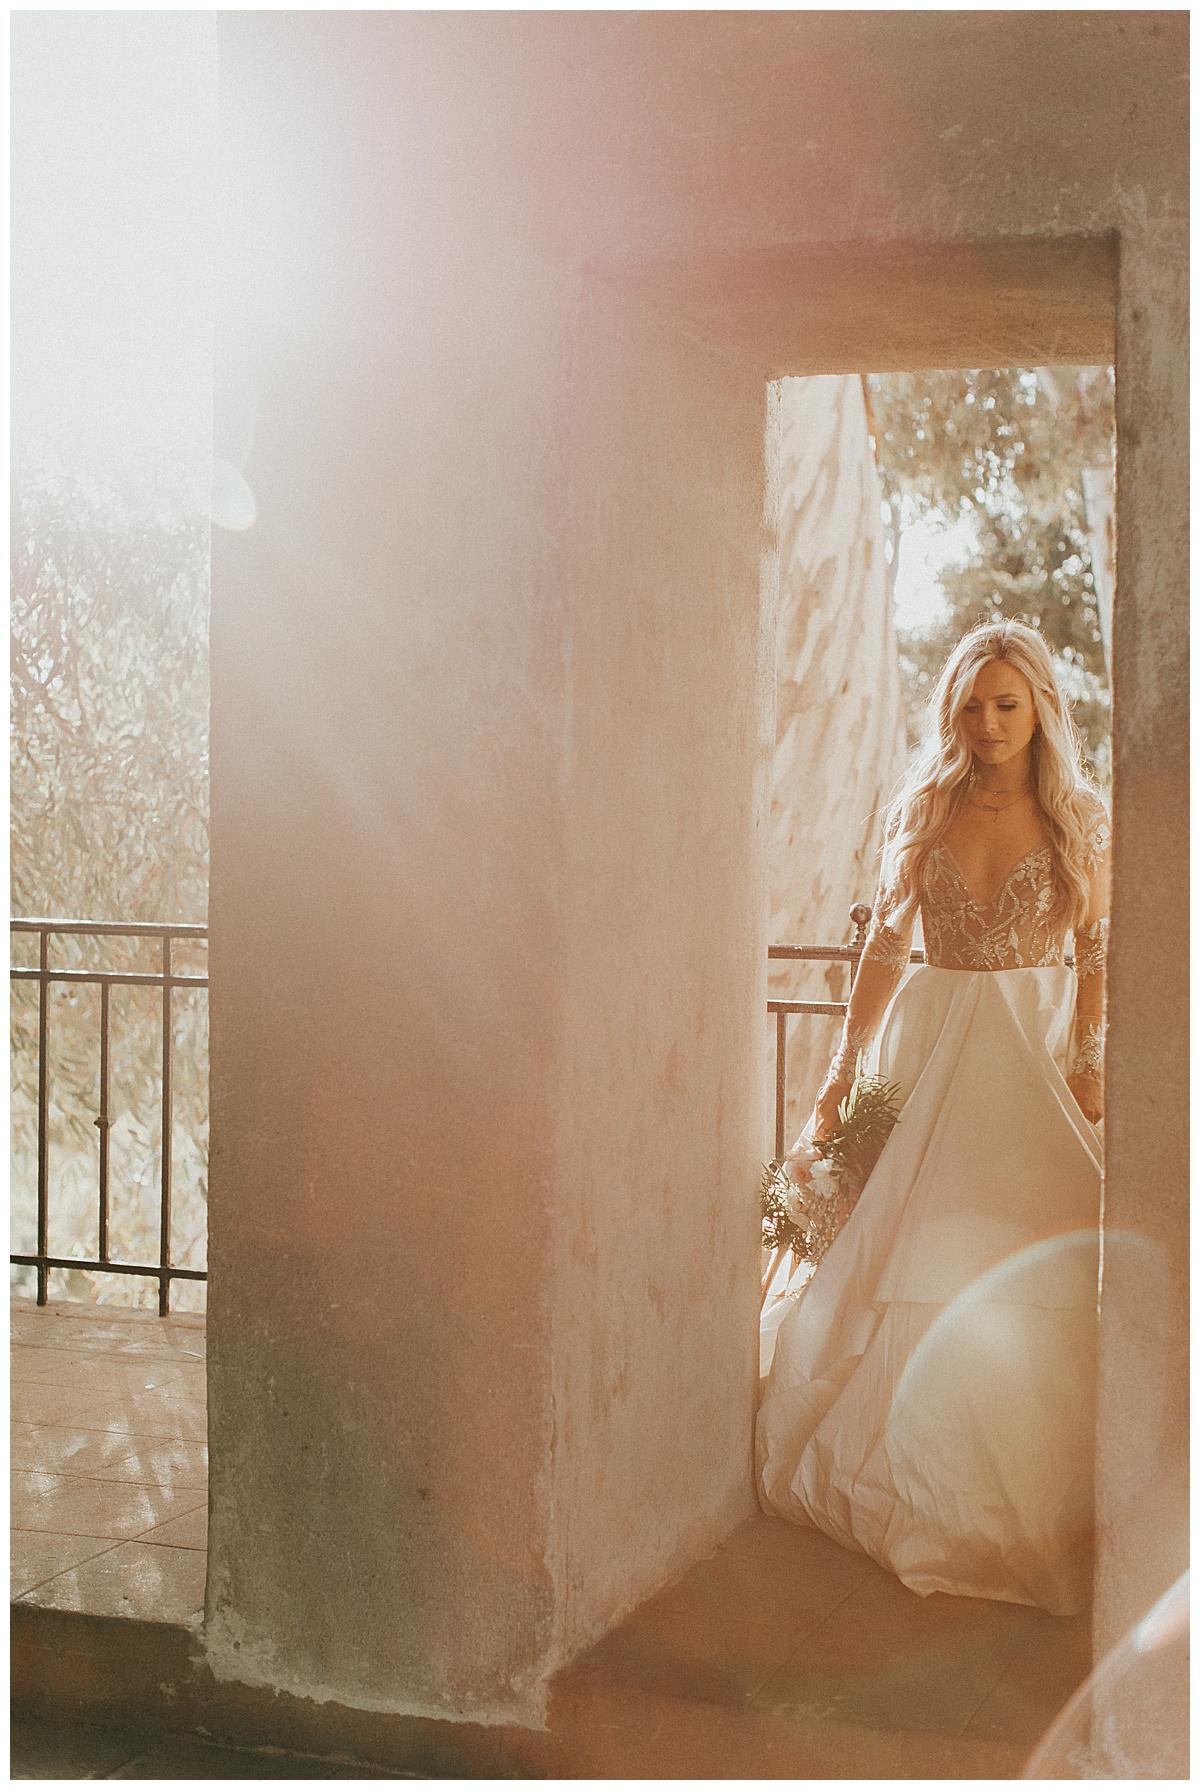 Bixby+Pine-Sarah-Anne-Photography-Balboa-Park-San-Diego-Californai_0032.jpg